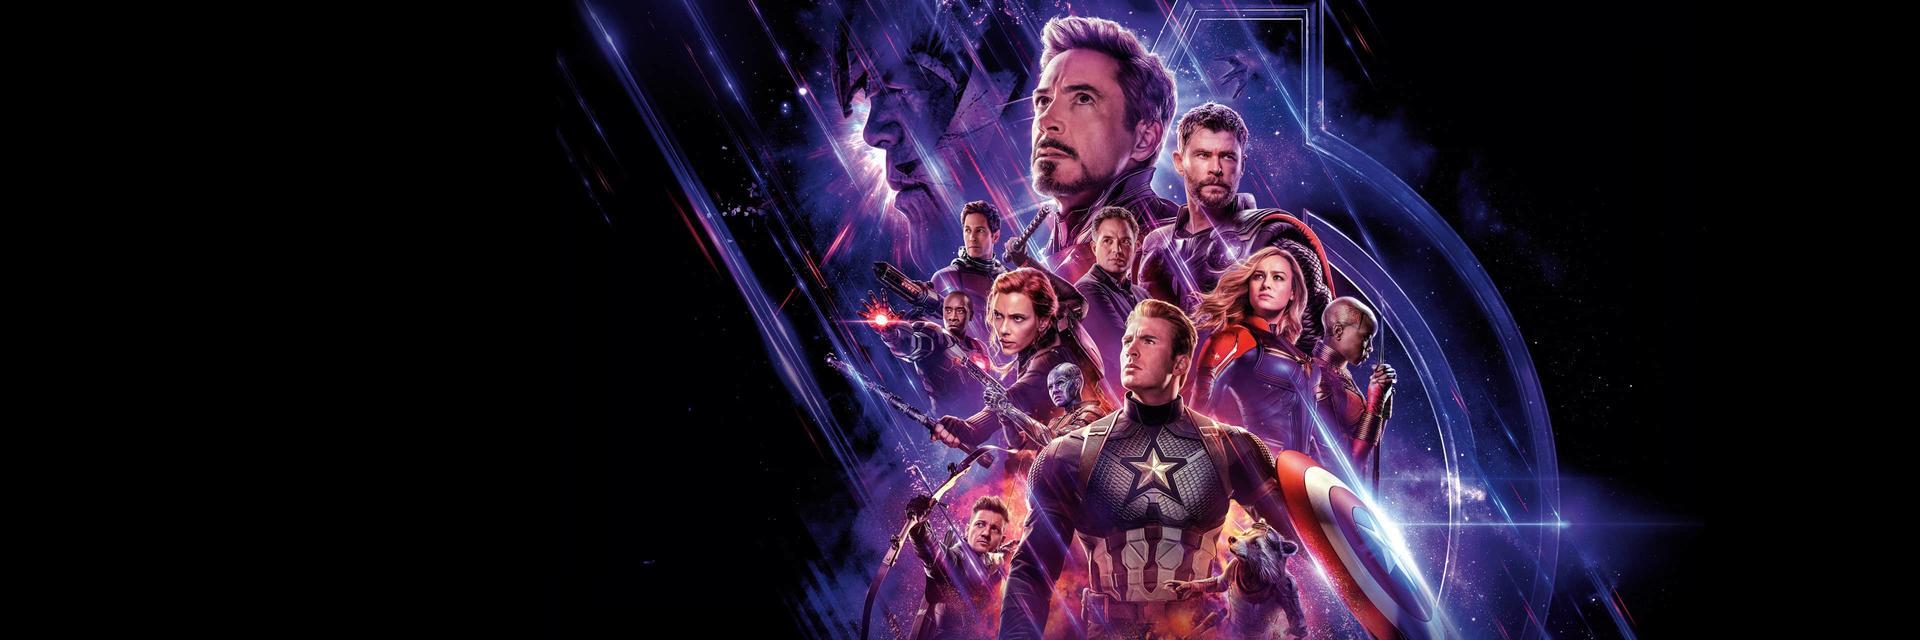 cơn sốt' avengers: endgame đã bắt đầu, những vé đặt sớm đang được